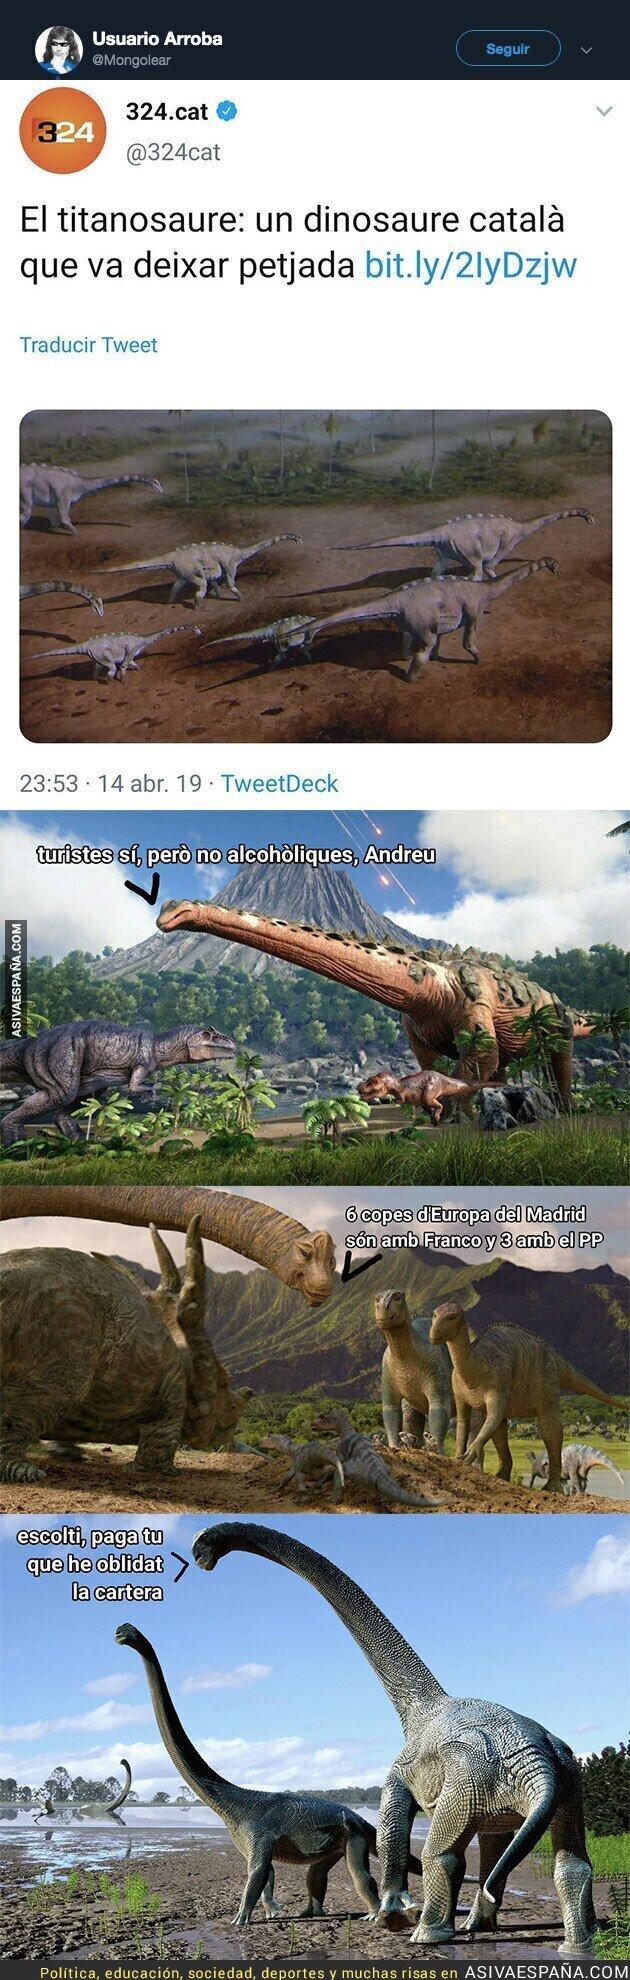 109210 - Titanosaure: el dinosaurio catalán